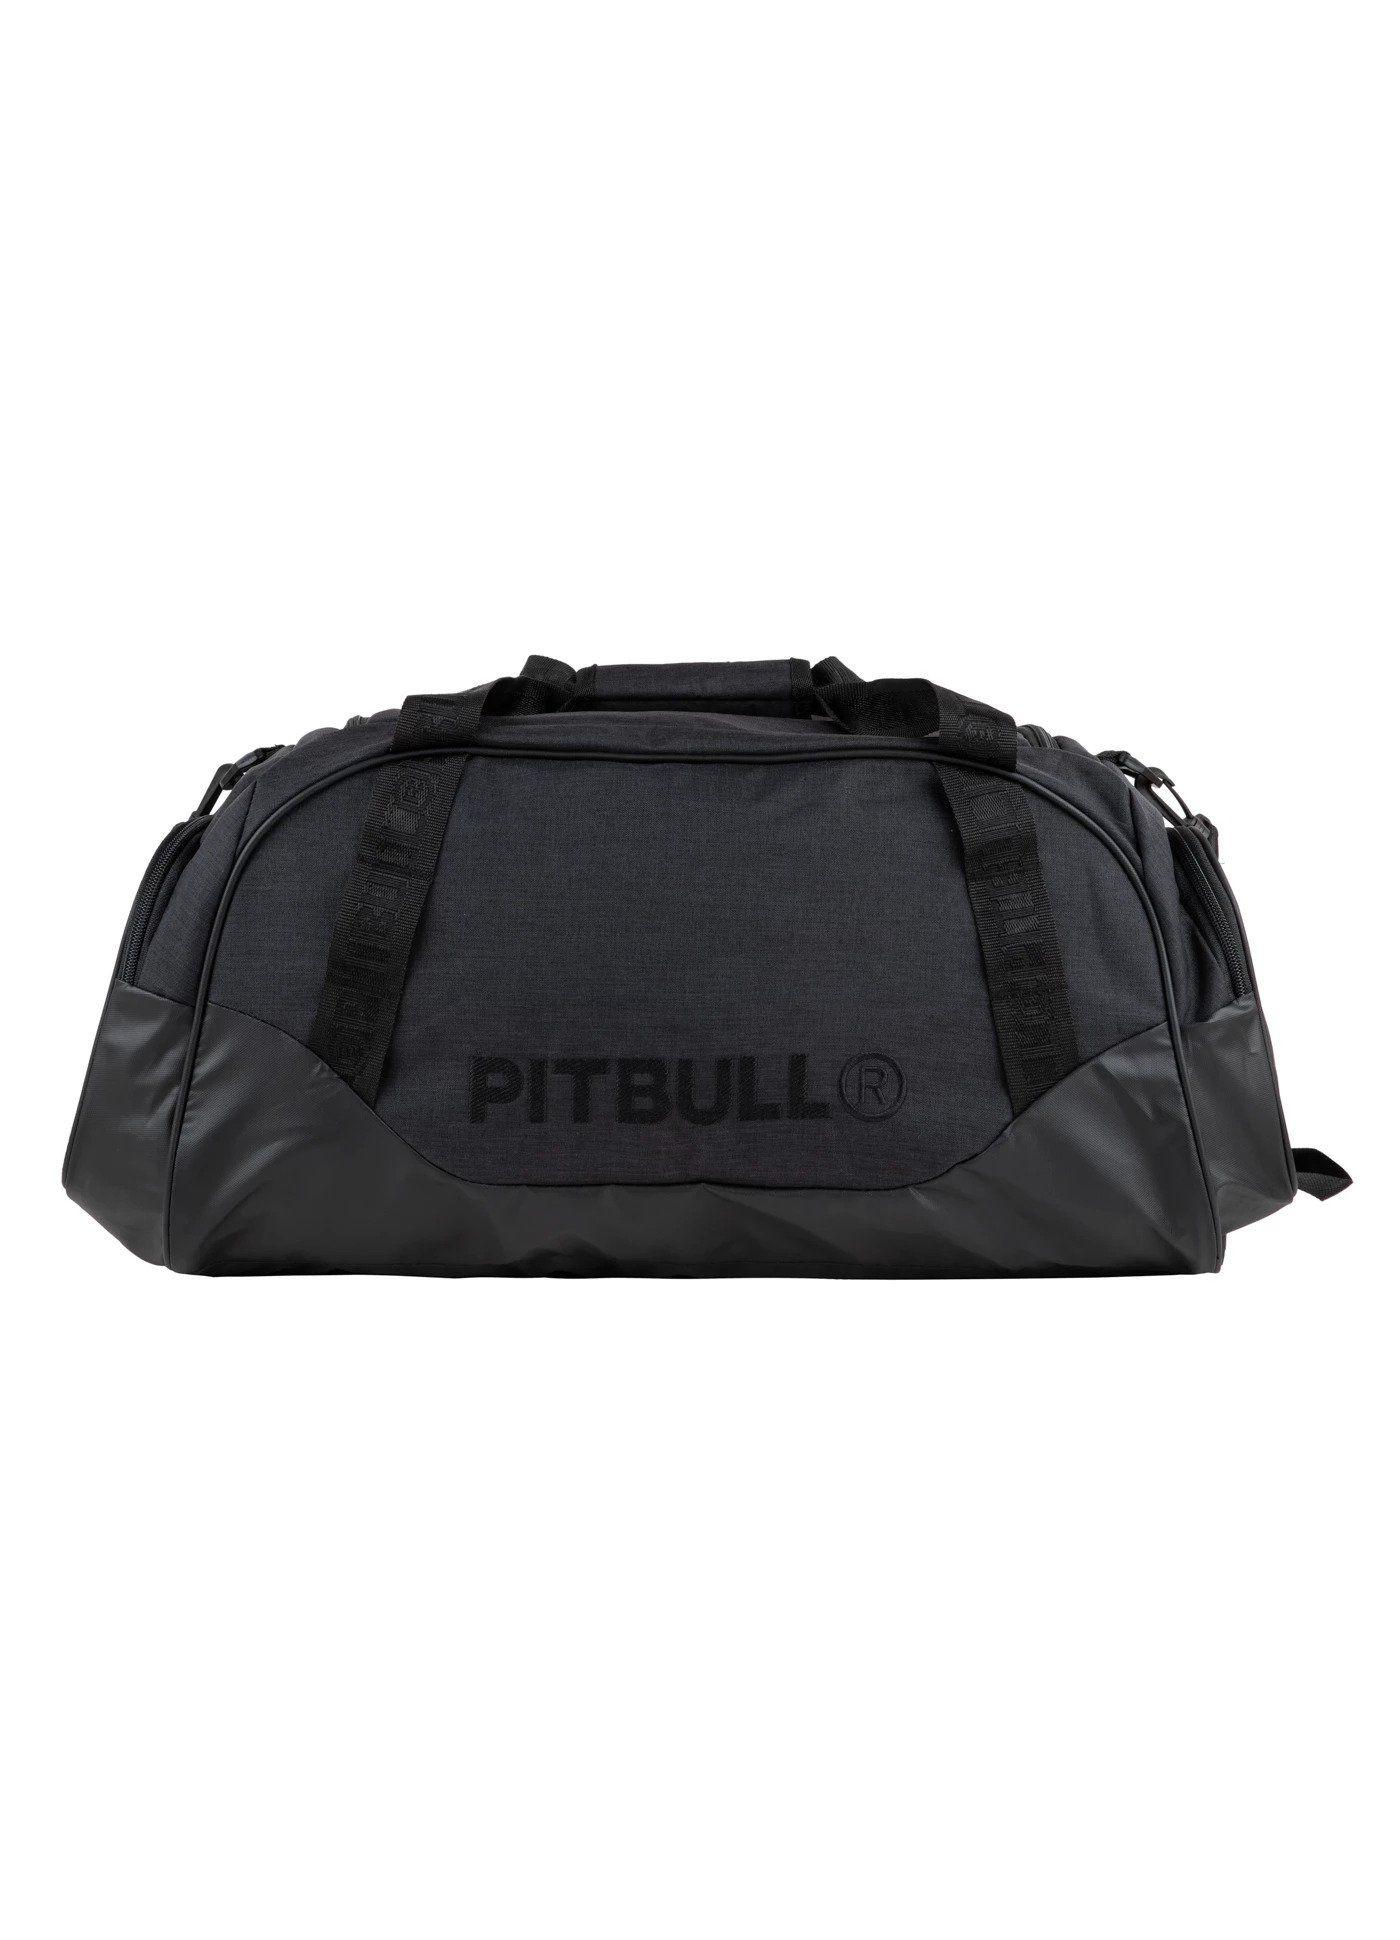 pit-bull-torba-sportowa-concord-czarny-1